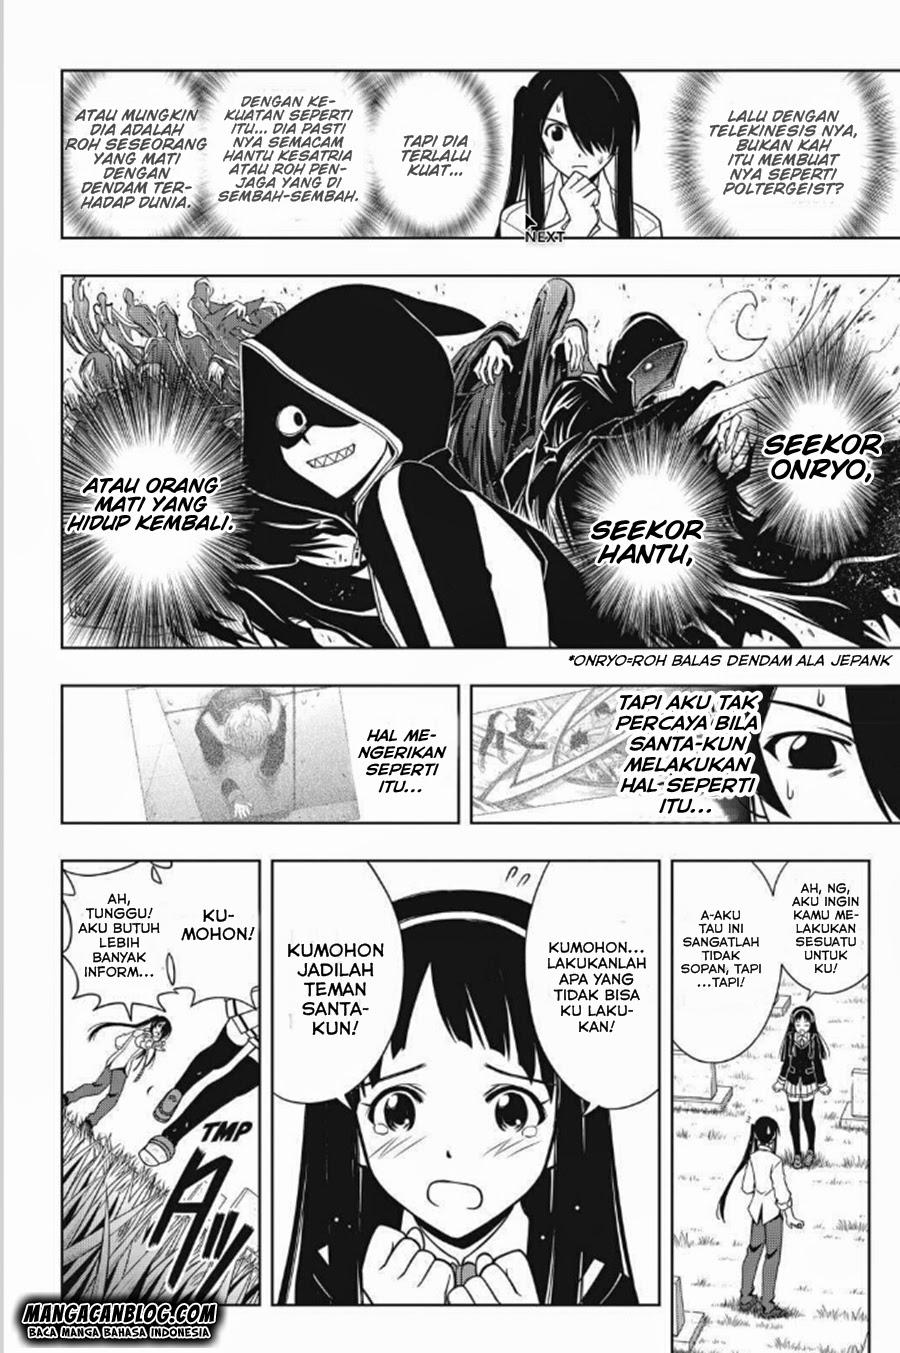 Komik uq holder 049 - kebenaran dari kasus 50 Indonesia uq holder 049 - kebenaran dari kasus Terbaru 5 Baca Manga Komik Indonesia